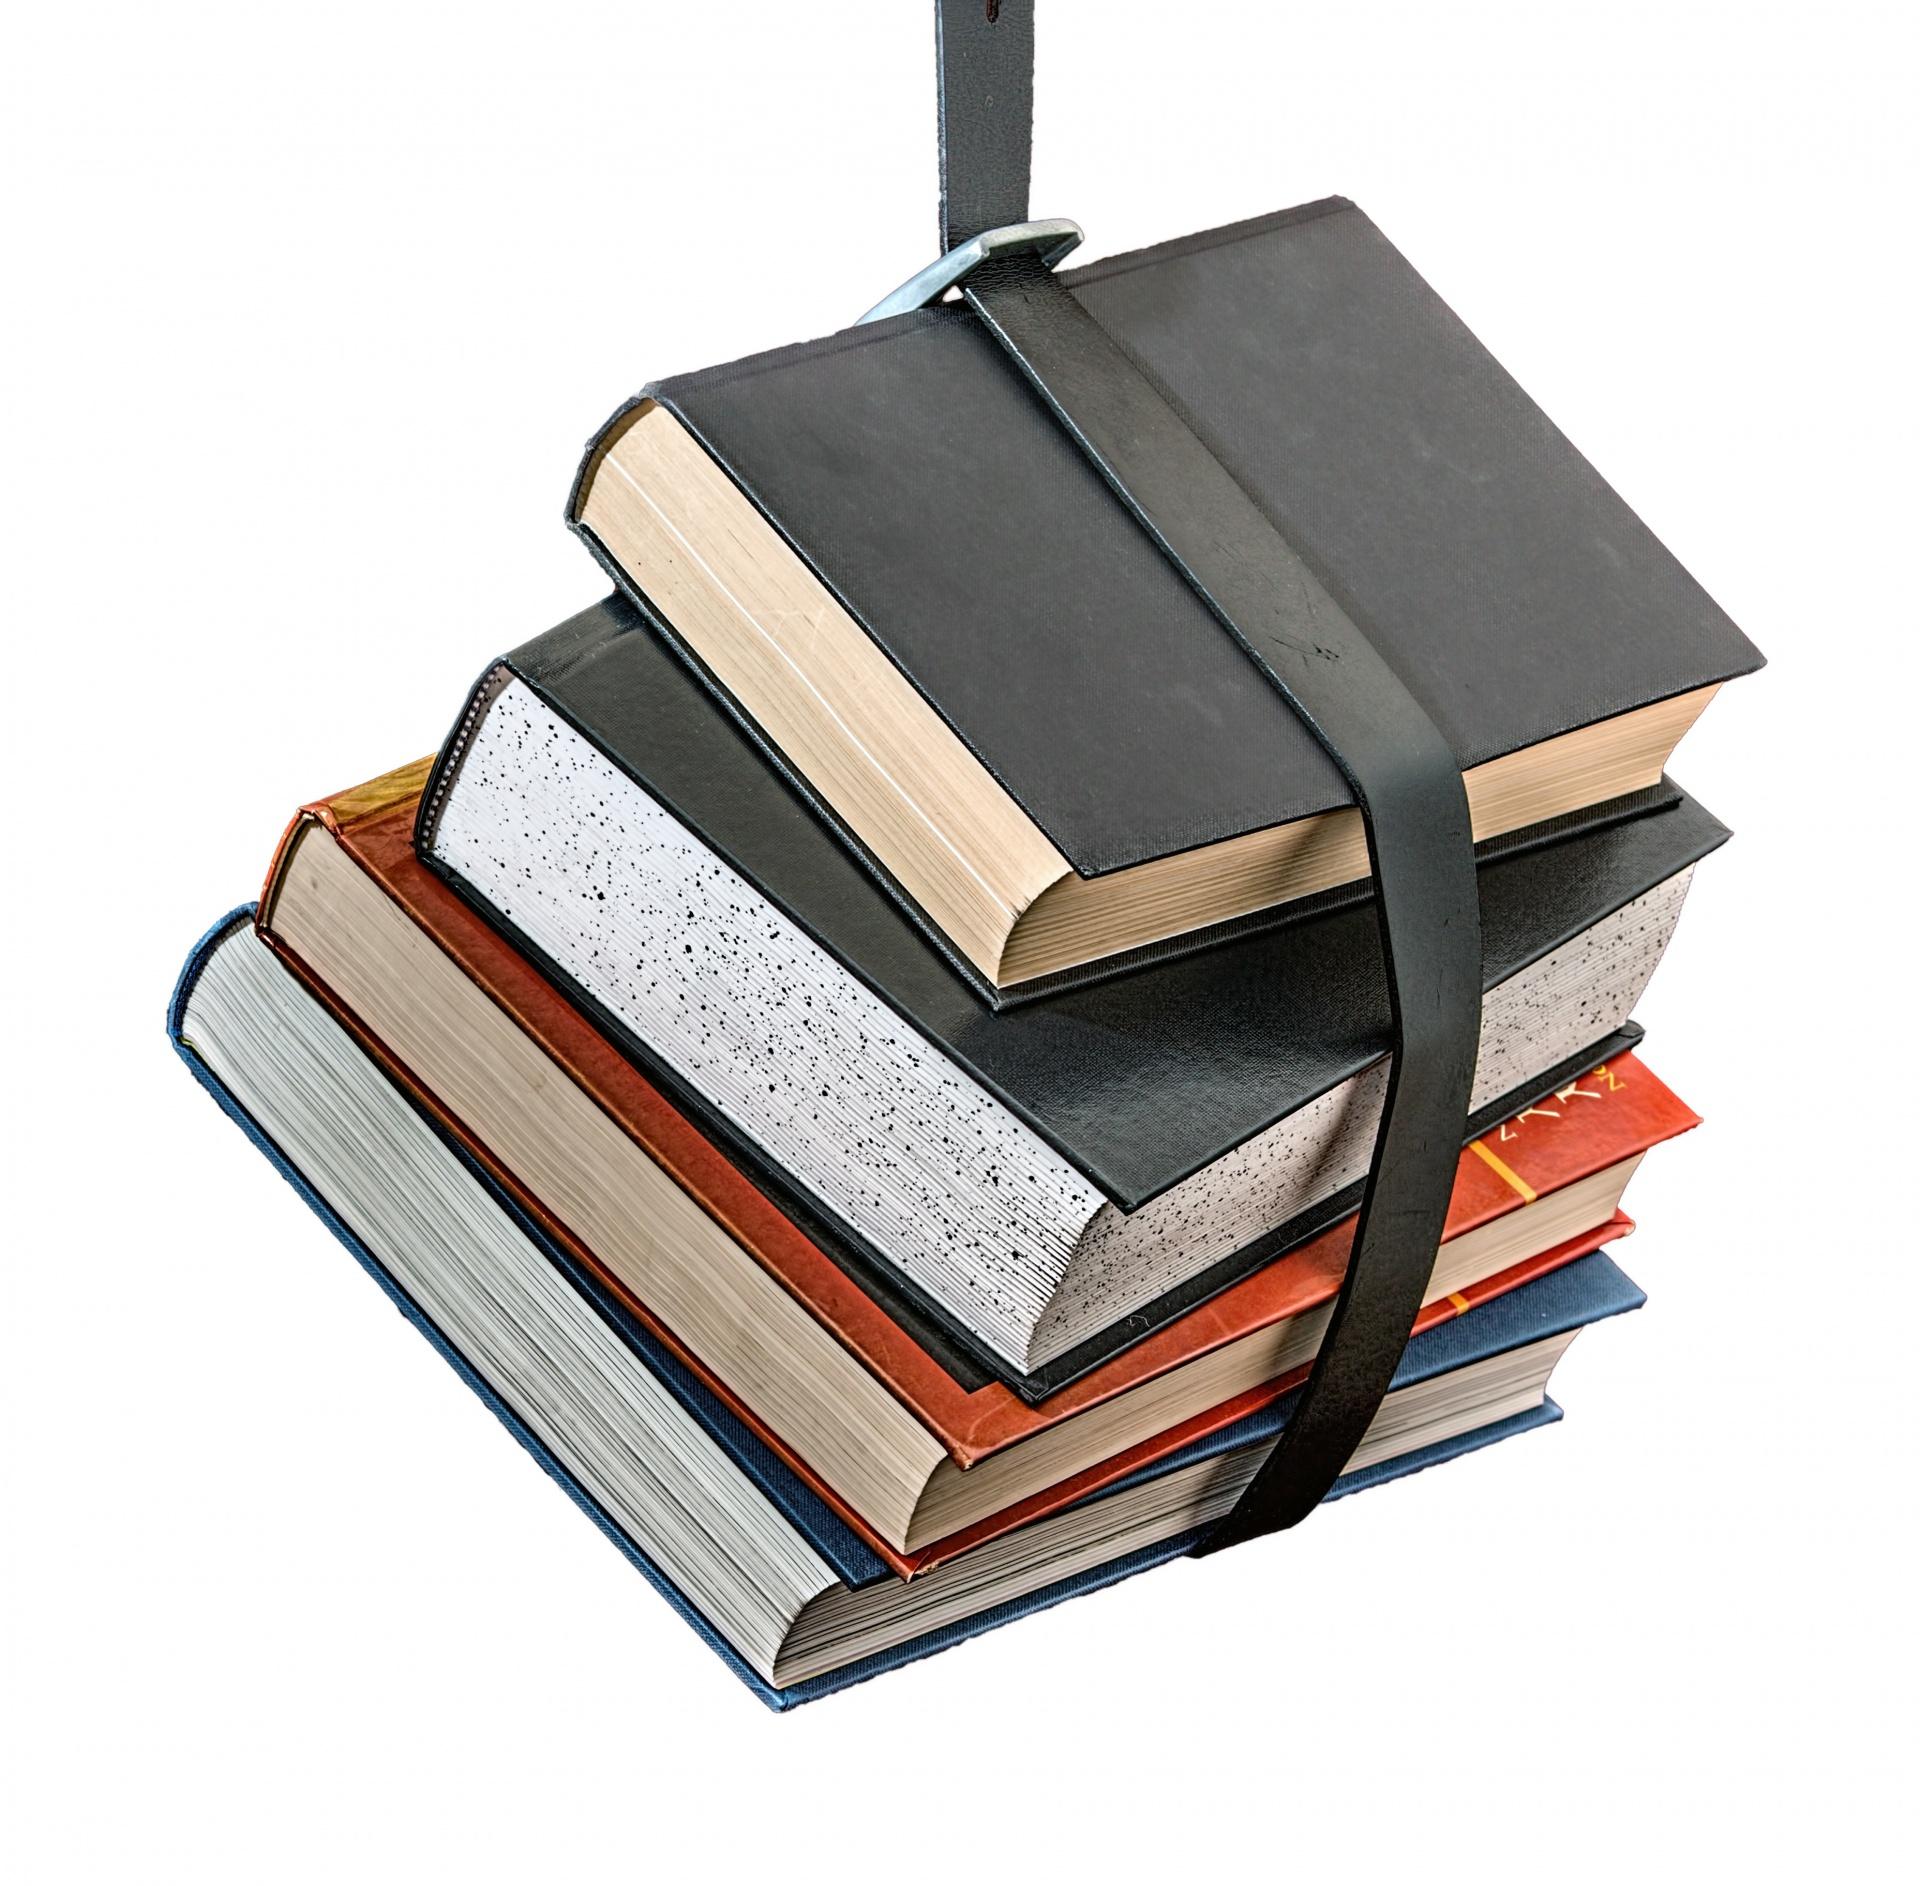 Books Isolated On White Background Free Stock Photo - Public Domain ...